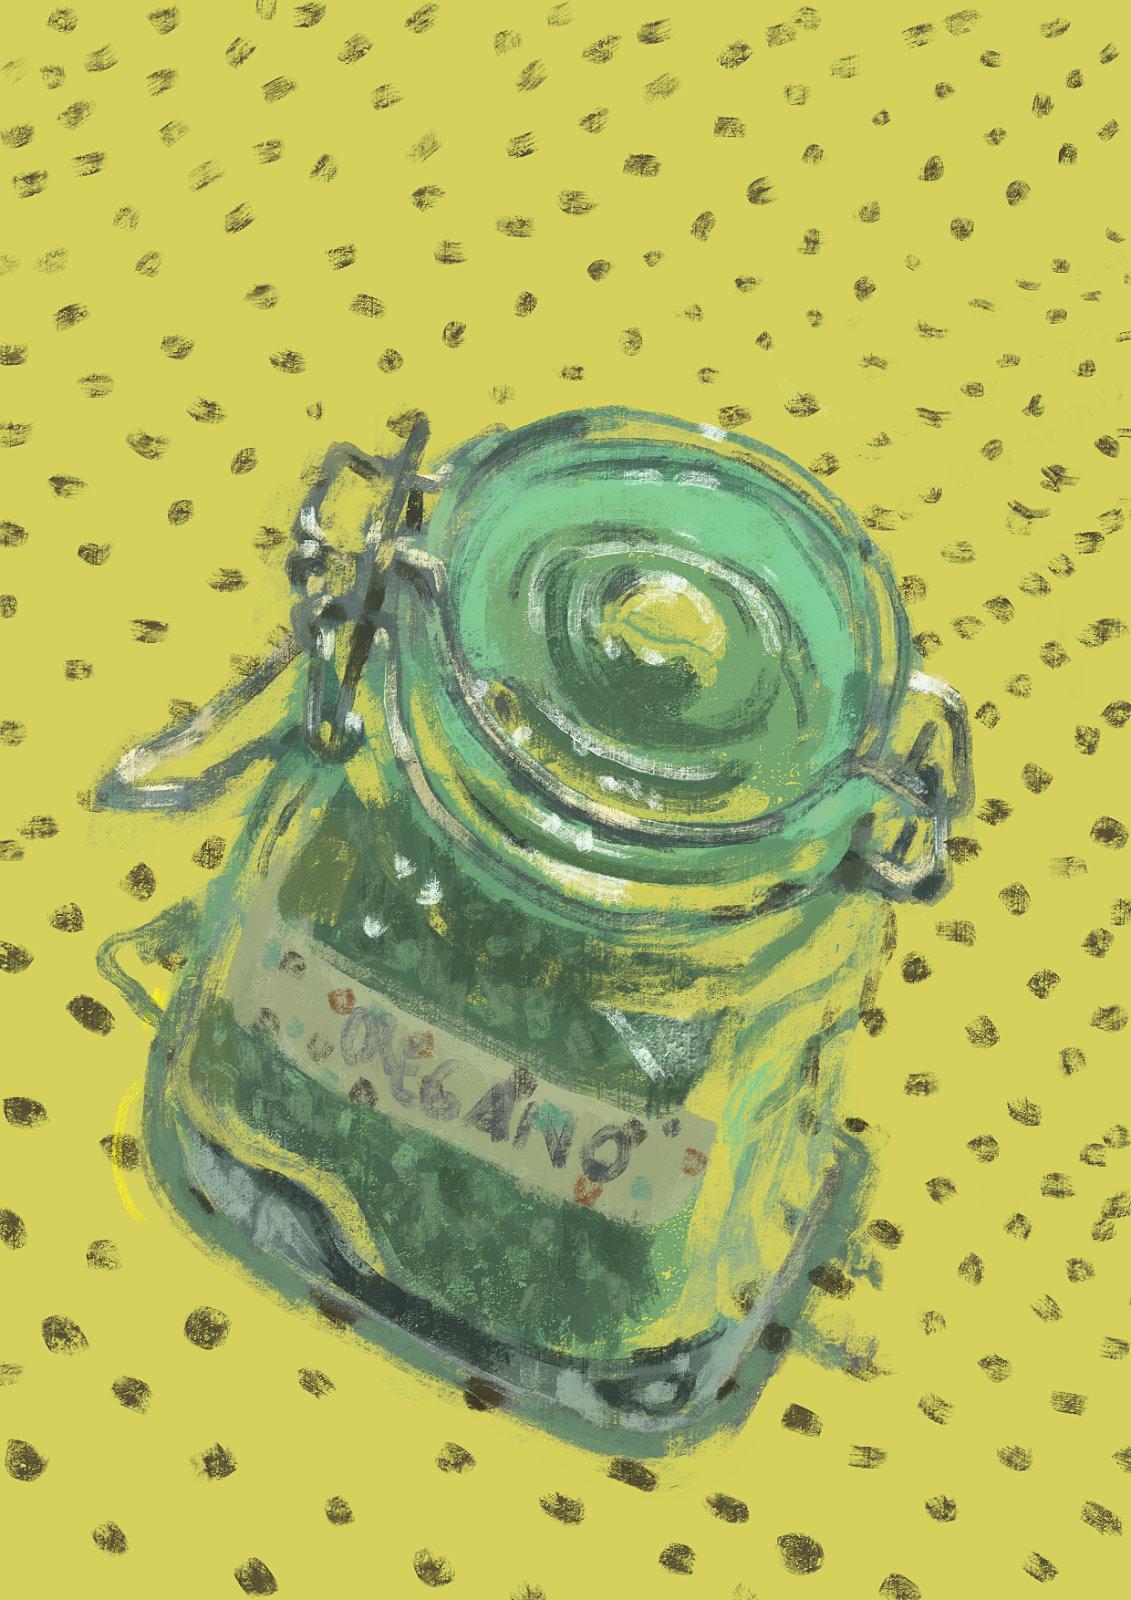 """Pintura digital de um pote de vidro pequeno com orégano dentro e uma fita colada escrito """"orégano"""" à mão."""